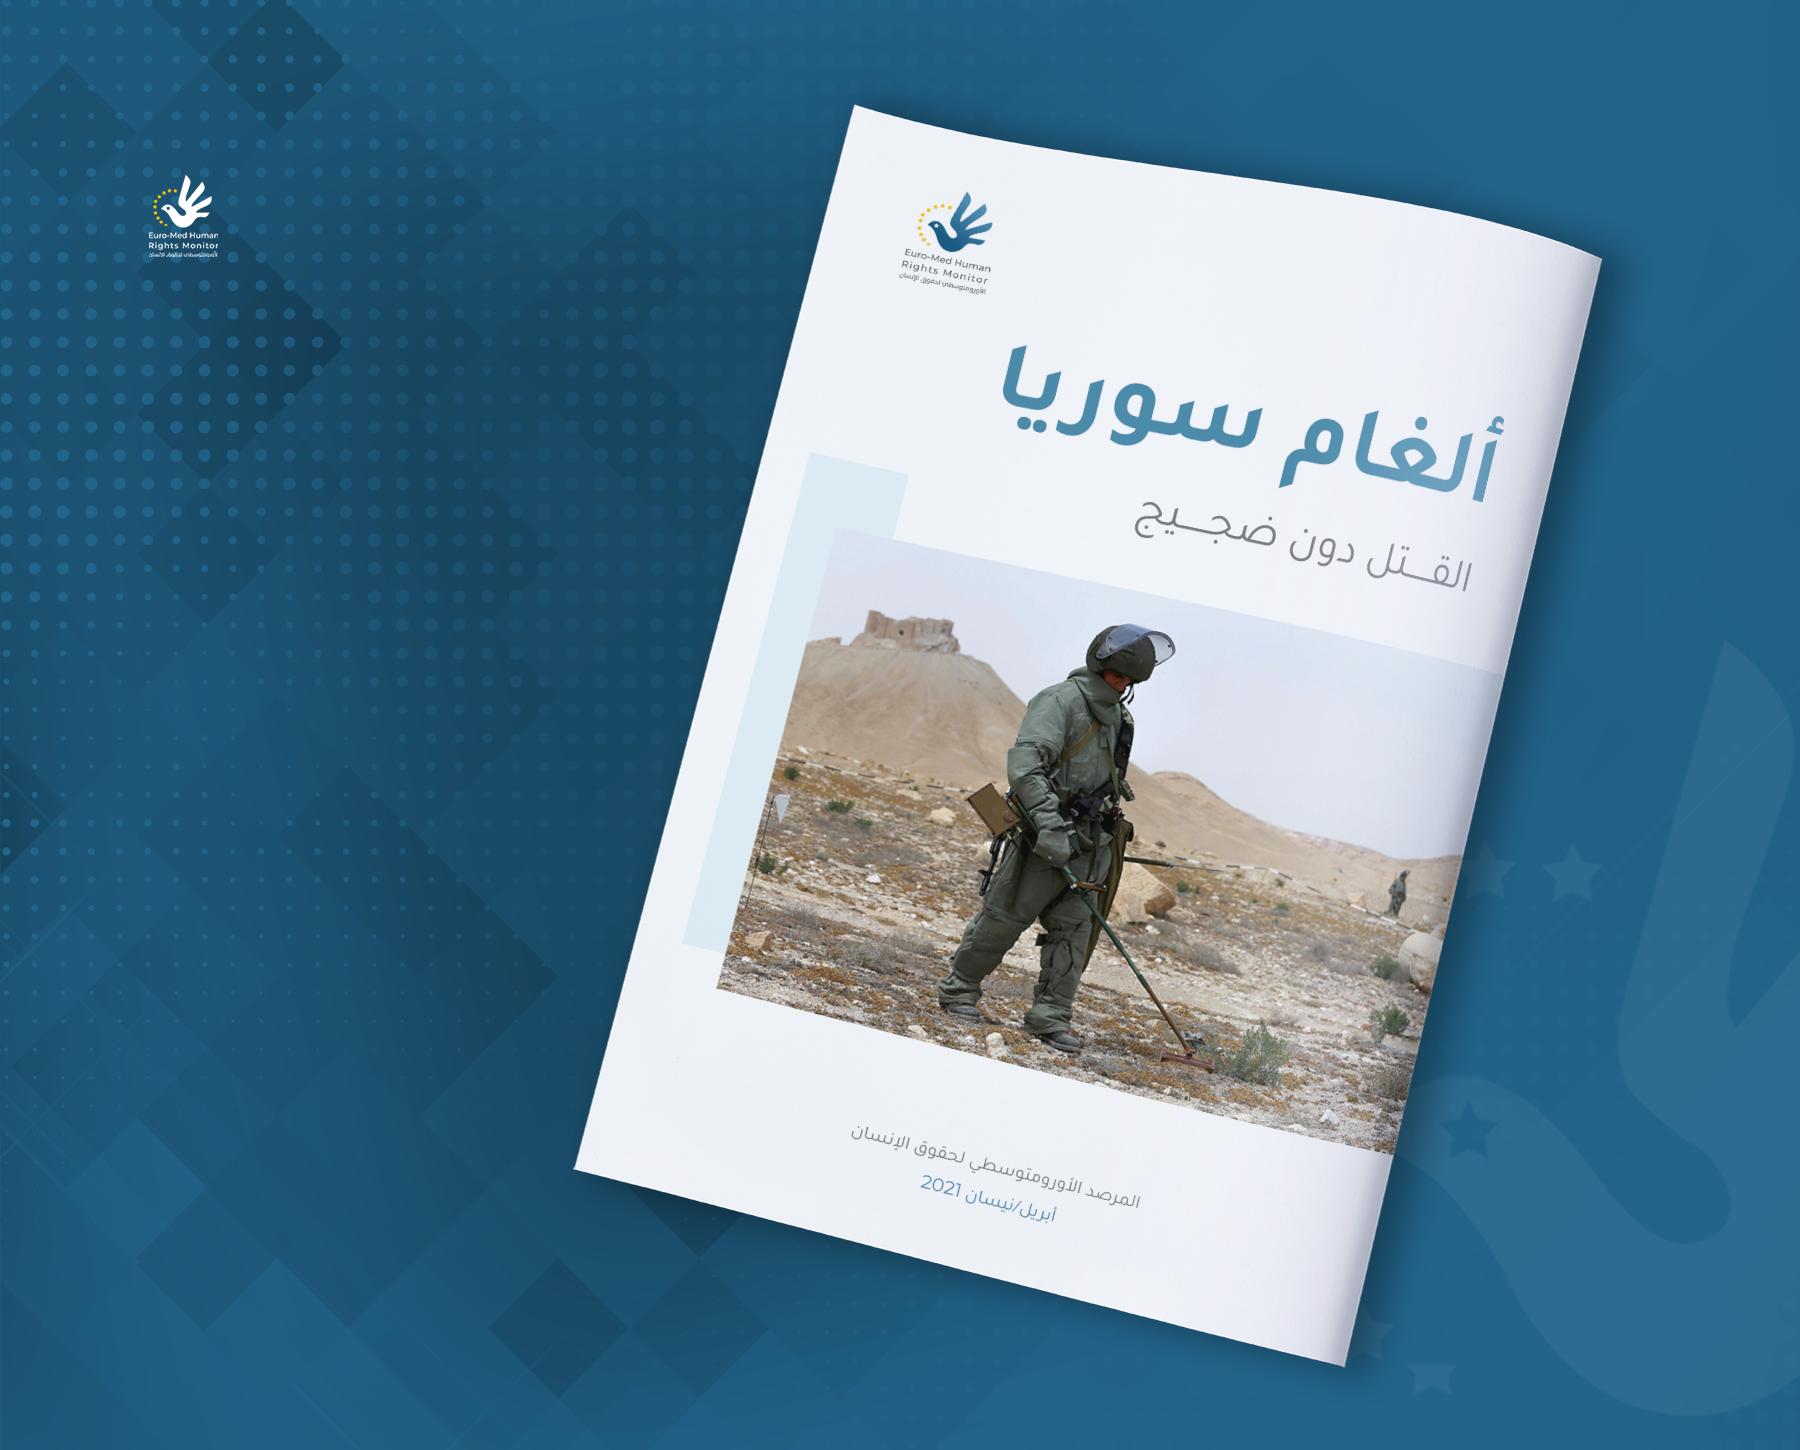 تقرير جديد: ضحايا الألغام المتفجرة في سوريا في تزايد رغم تراجع وتيرة العمليات العسكرية